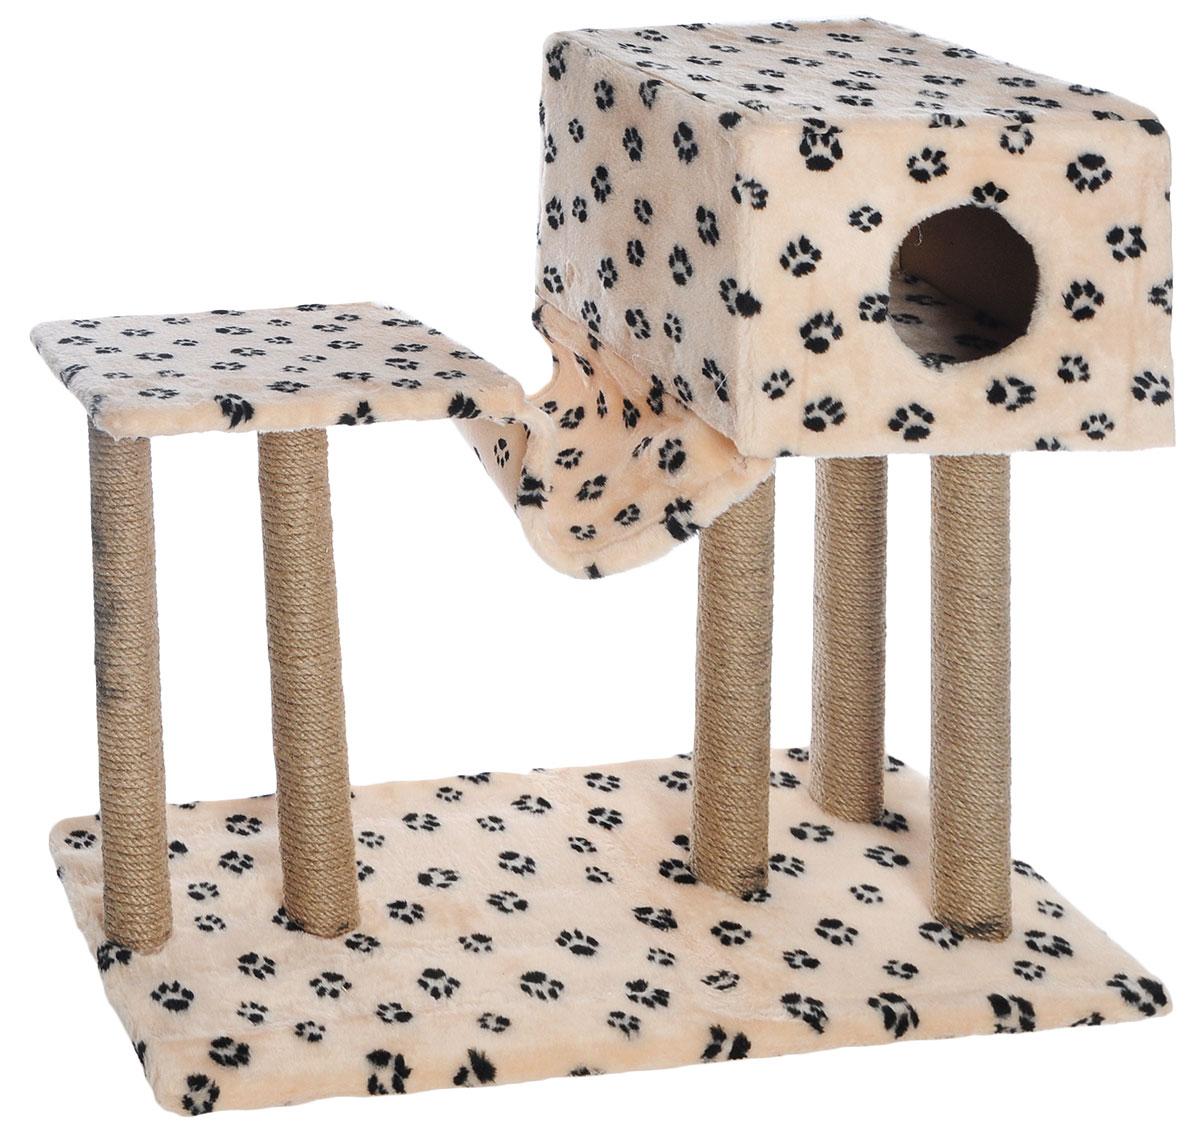 Игровой комплекс для кошек Меридиан, с домиком и гамаком, цвет: бежевый, черный, 90 х 40 х 80 см0120710Игровой комплекс для кошек Меридиан выполнен из высококачественного ДВП и ДСП и обтянут искусственным мехом. Изделие предназначено для кошек. Ваш домашний питомец будет с удовольствием точить когти о специальные столбики, изготовленные из джута. А отдохнуть он сможет в домике, на полках или в удобном гамаке.Общий размер: 90 х 40 х 80 см.Размер основания: 90 х 40 см.Высота полки: 53 см.Размер домика: 40 х 40 х 28 см.Размер полки: 39 х 39 см.